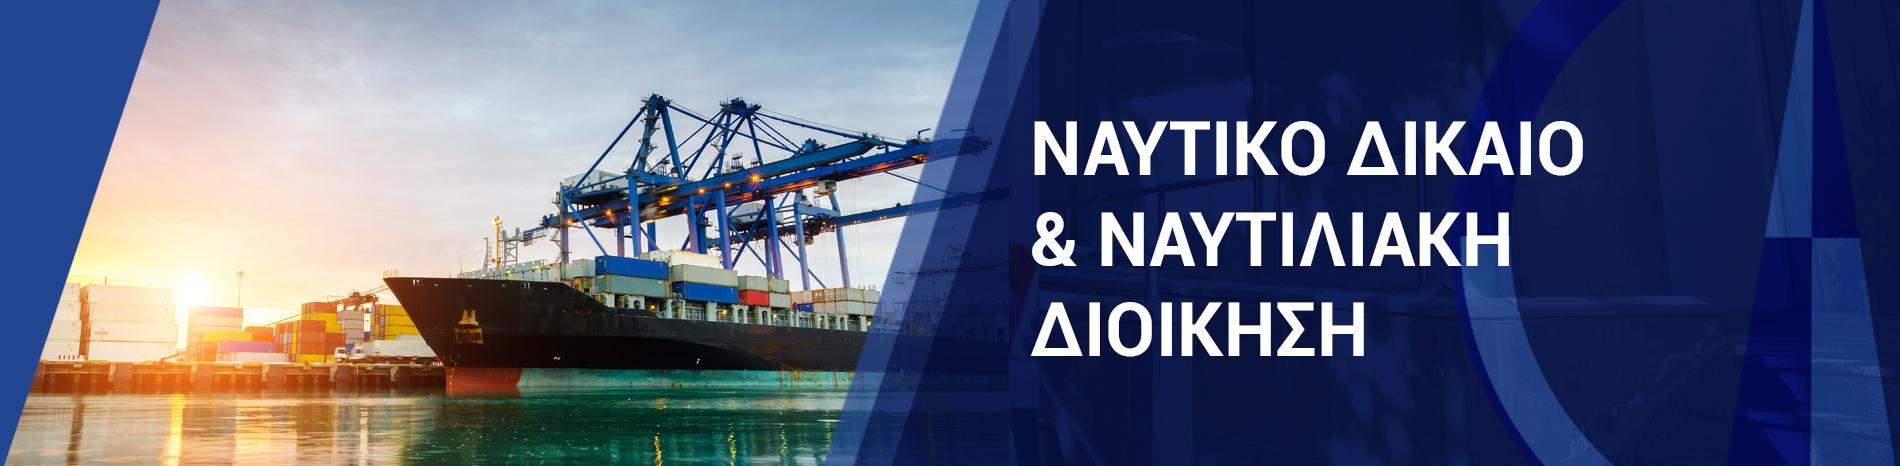 Πανεπιστήμιο Frederick | Μεταπτυχιακό στο Ναυτικό Δίκαιο & Ναυτιλιακή Διοίκηση Εξ Αποστάσεως